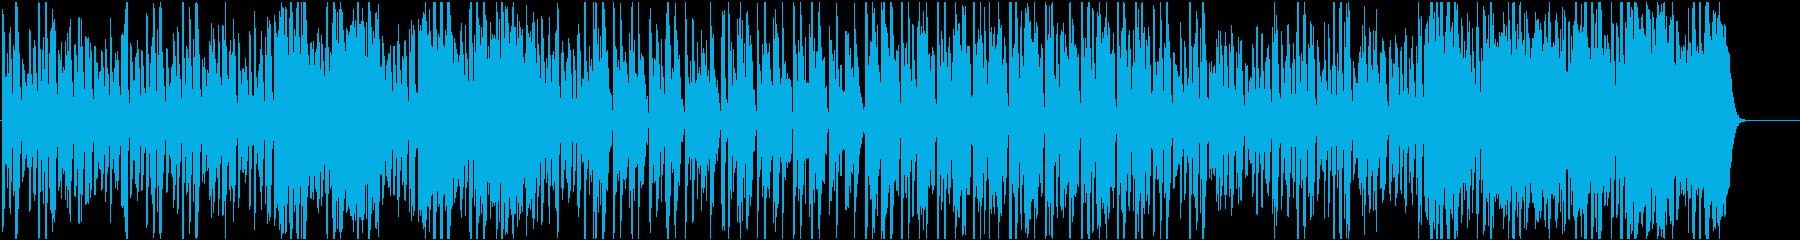 動物達の戯れ、コミカル/静かめの再生済みの波形